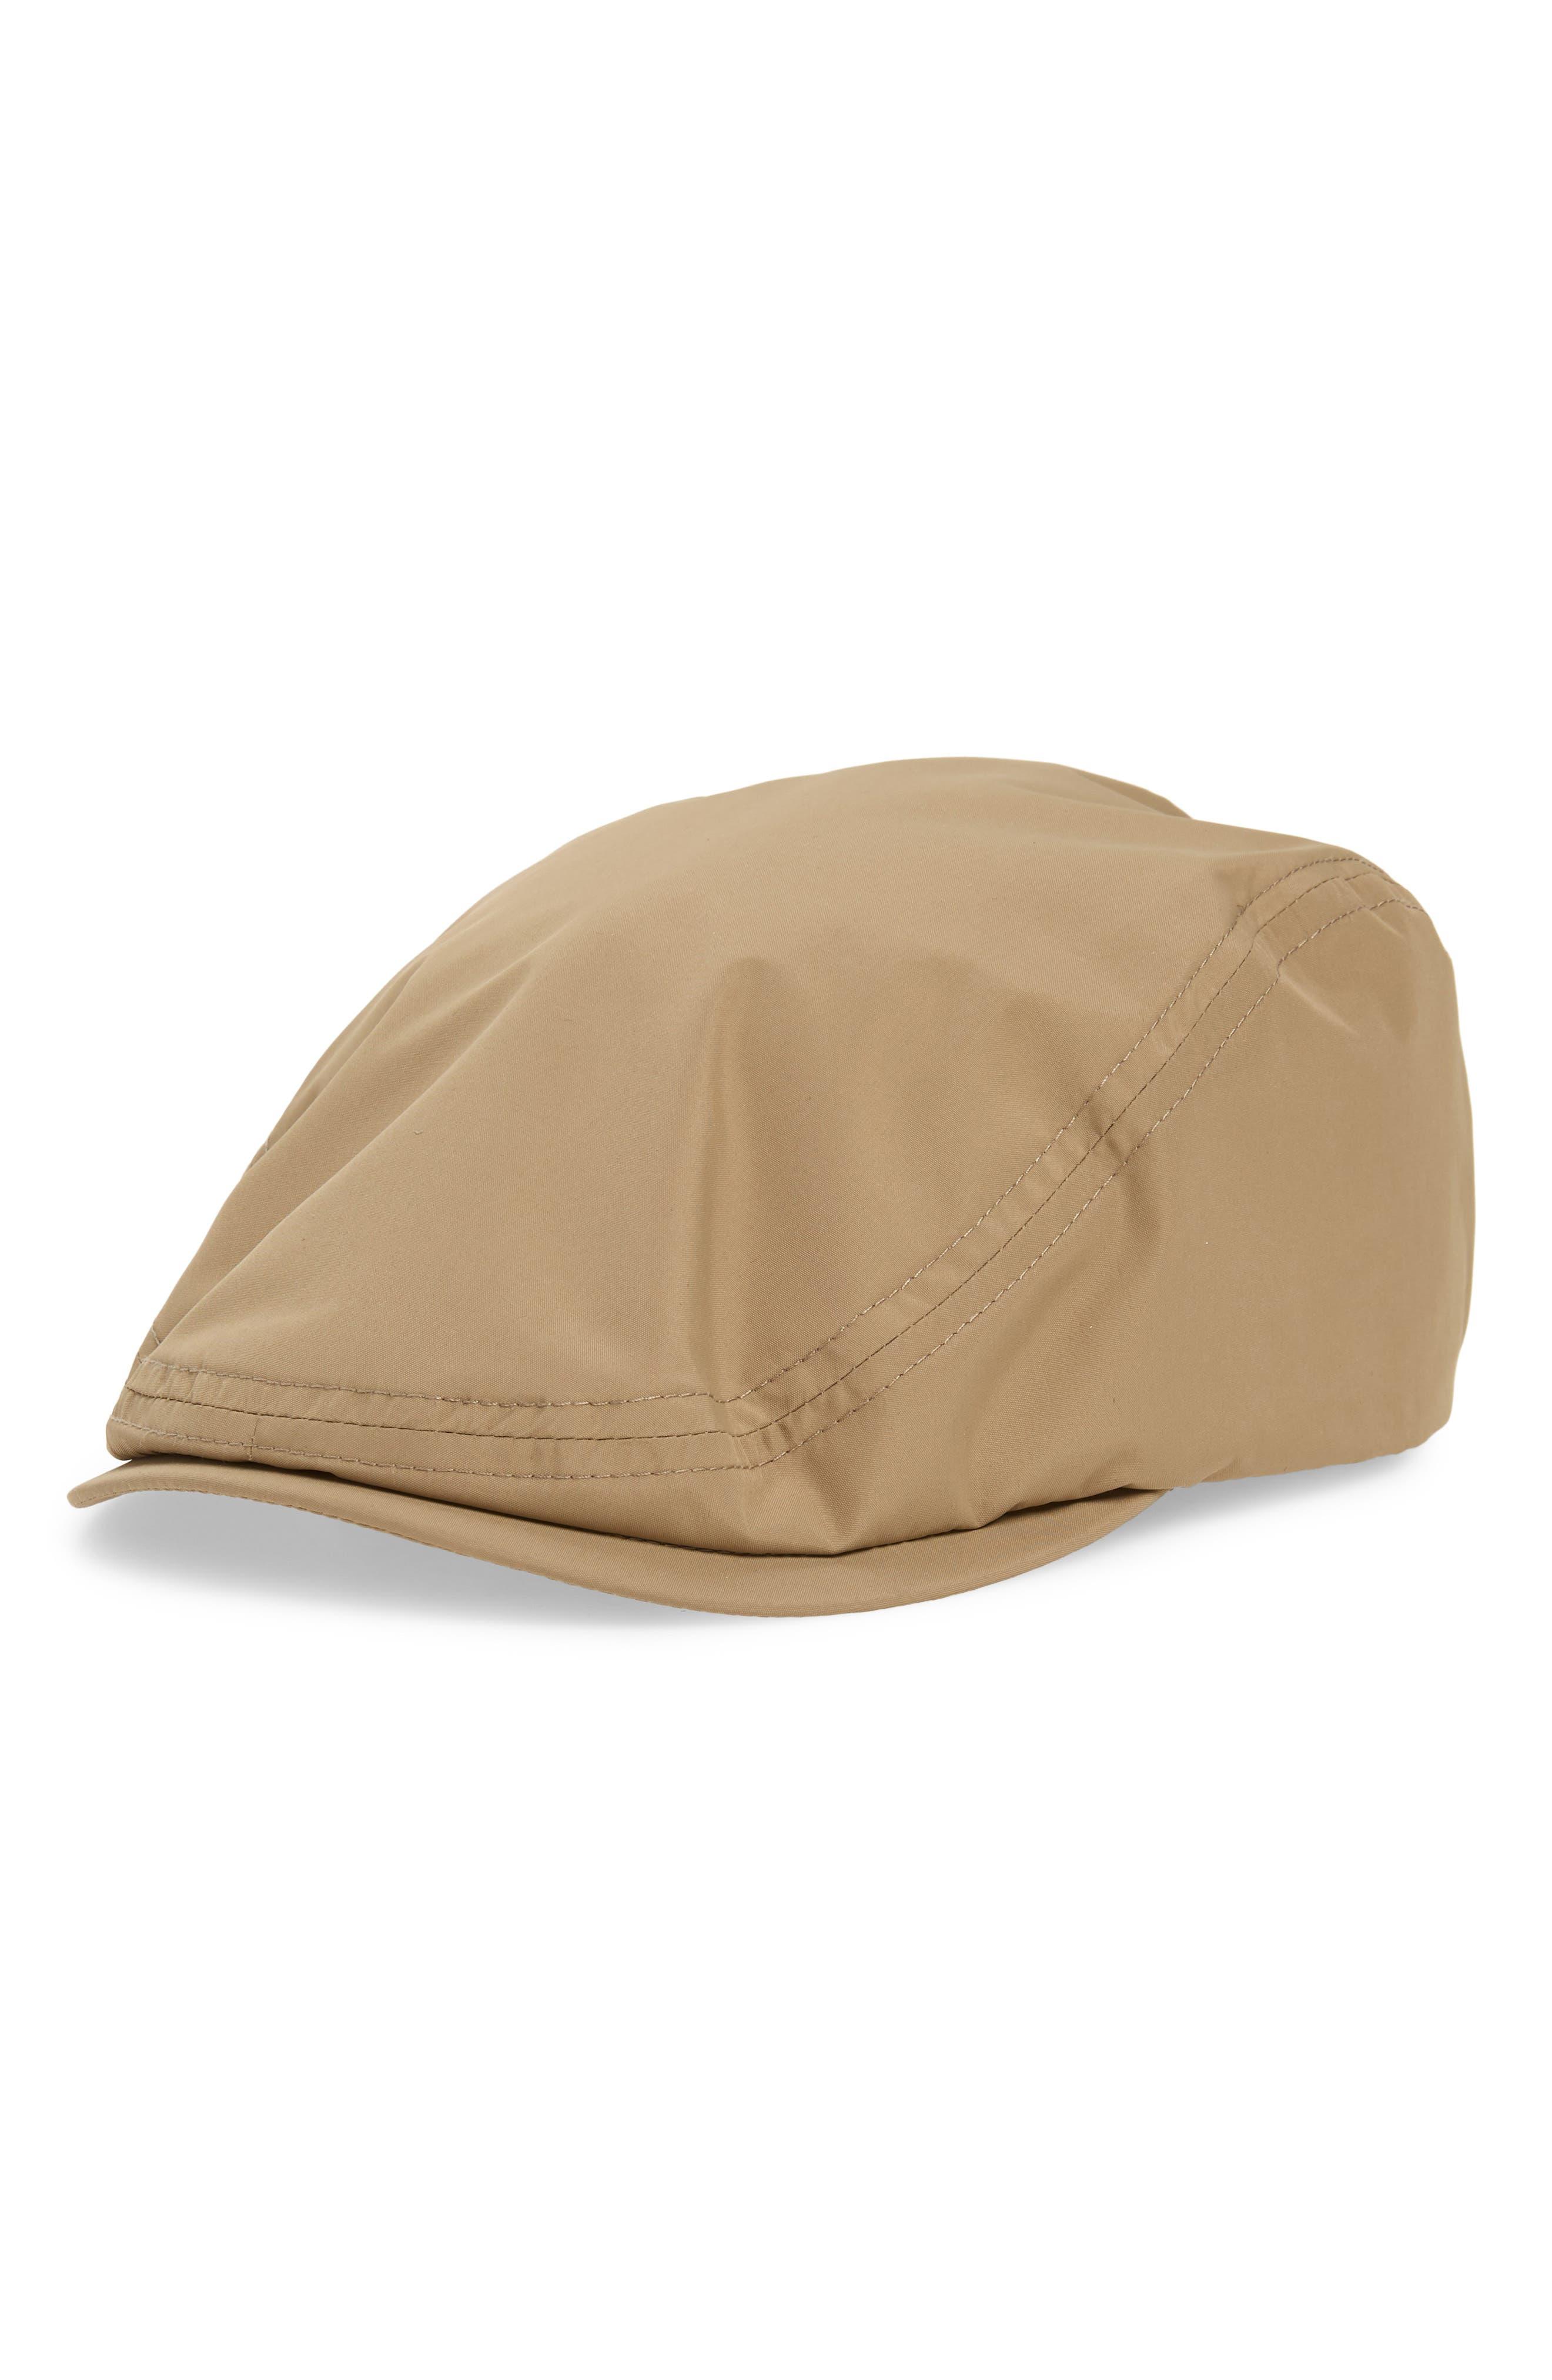 290118fd6da Men s Newsboy   Driving Caps